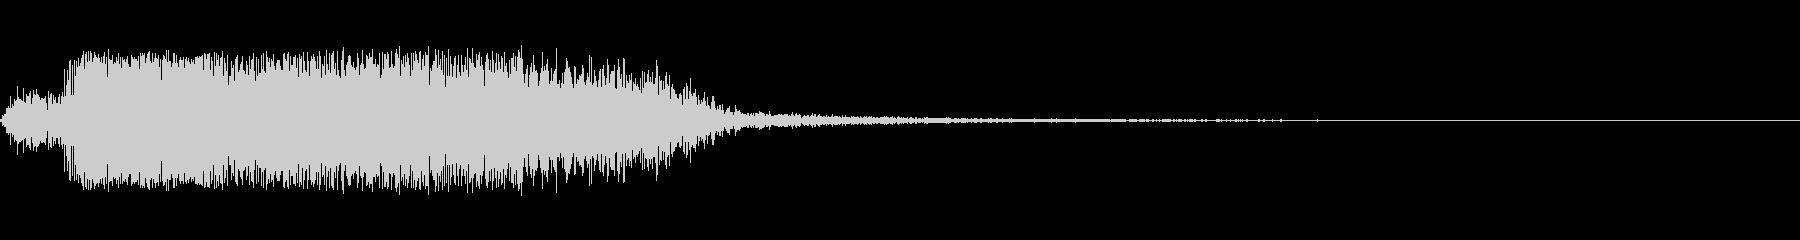 ランダムオーケストラスワイプの未再生の波形